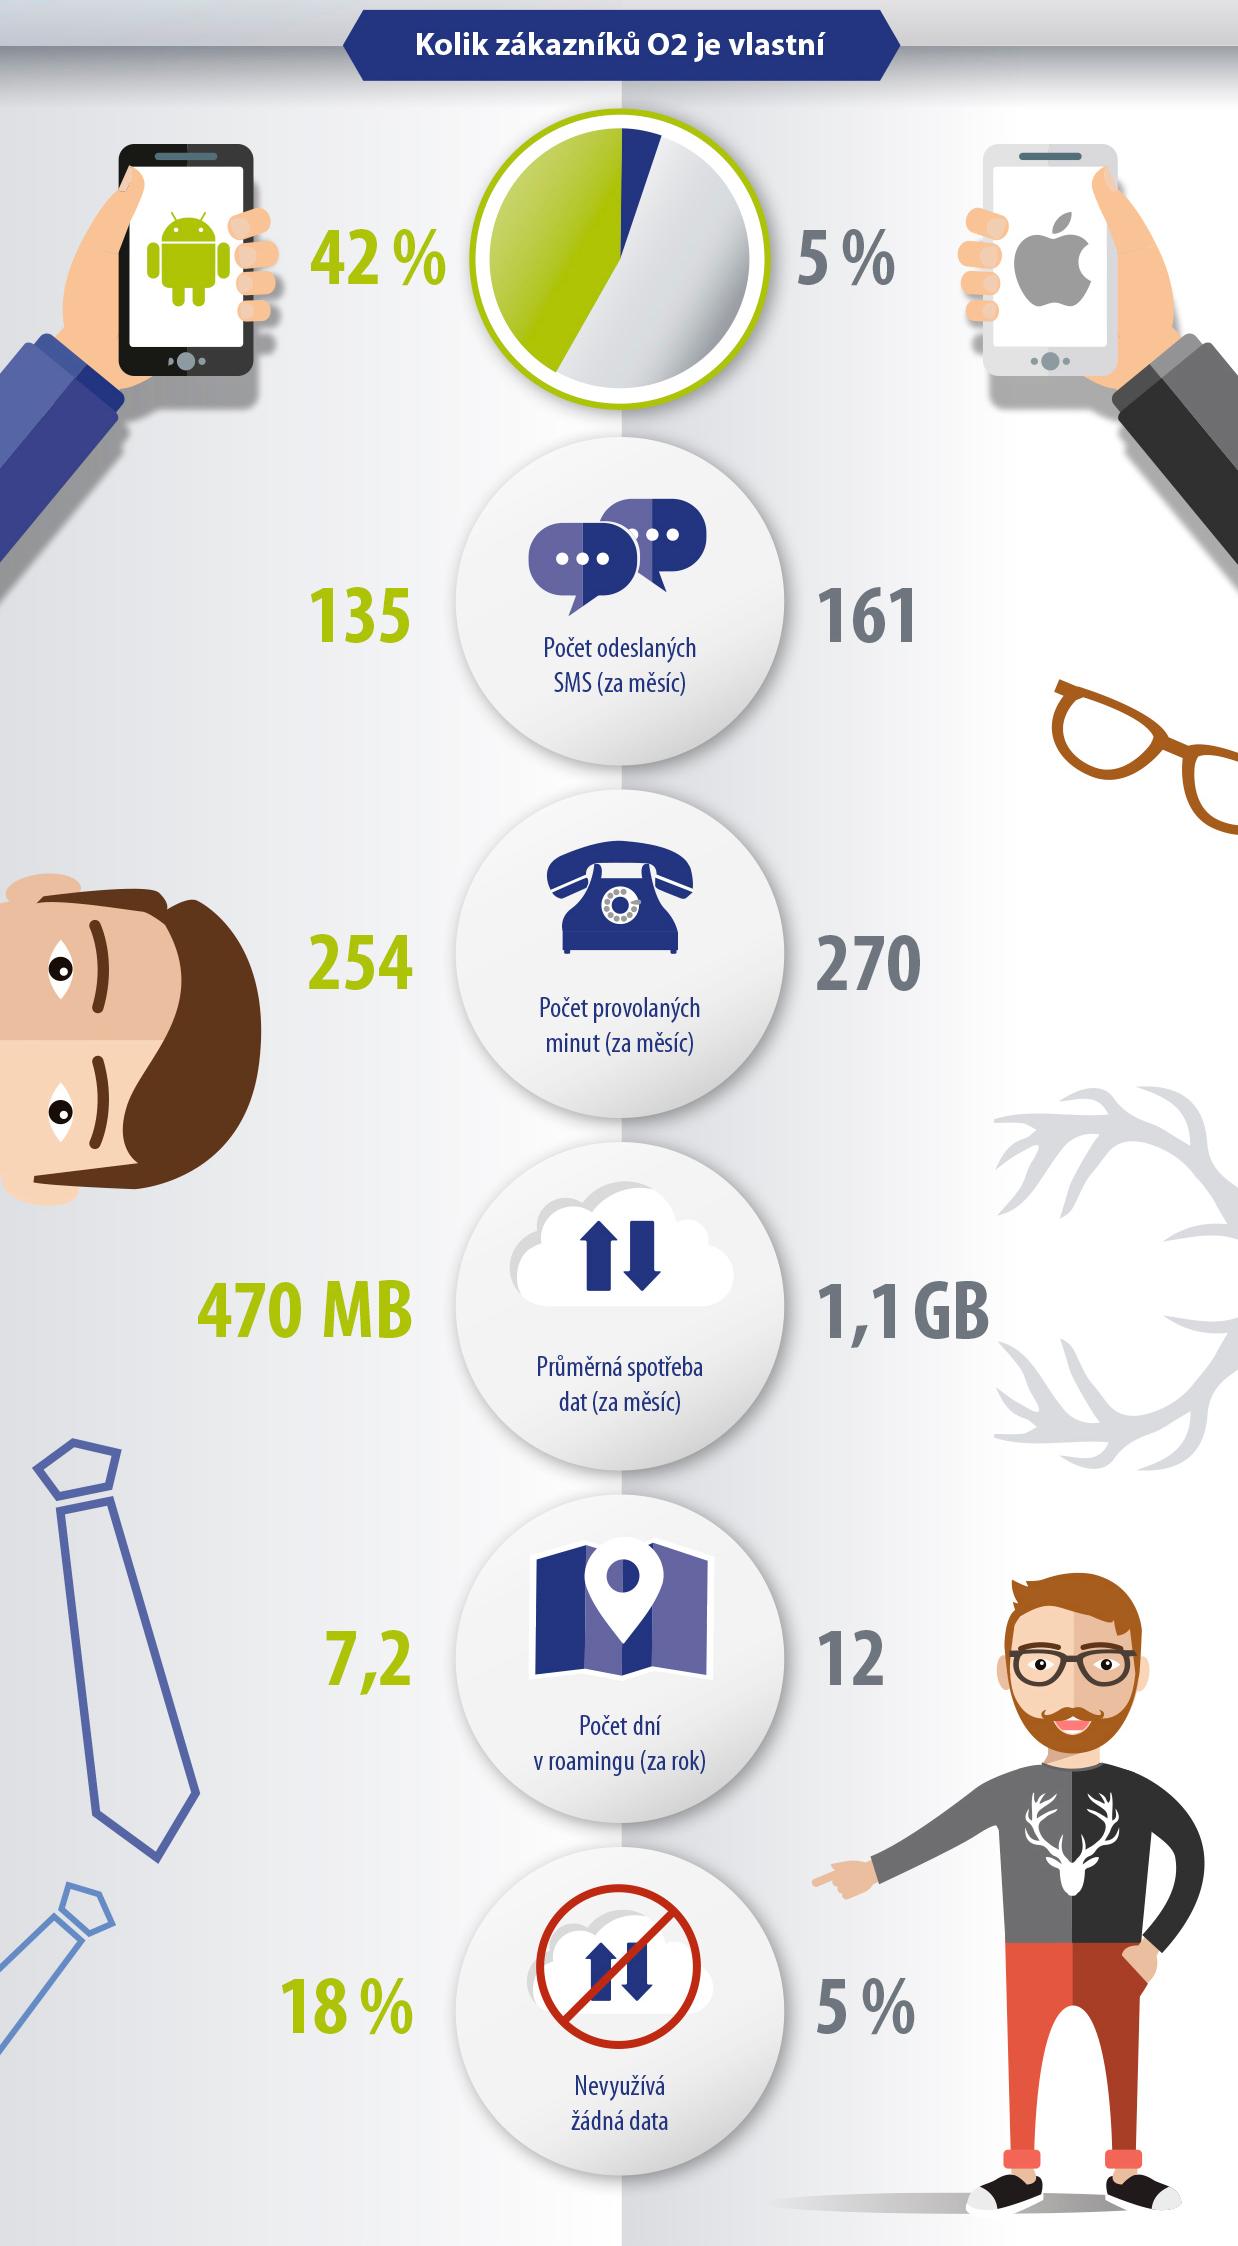 O2_infografik_android_vs_apple - 2 - velký přehled